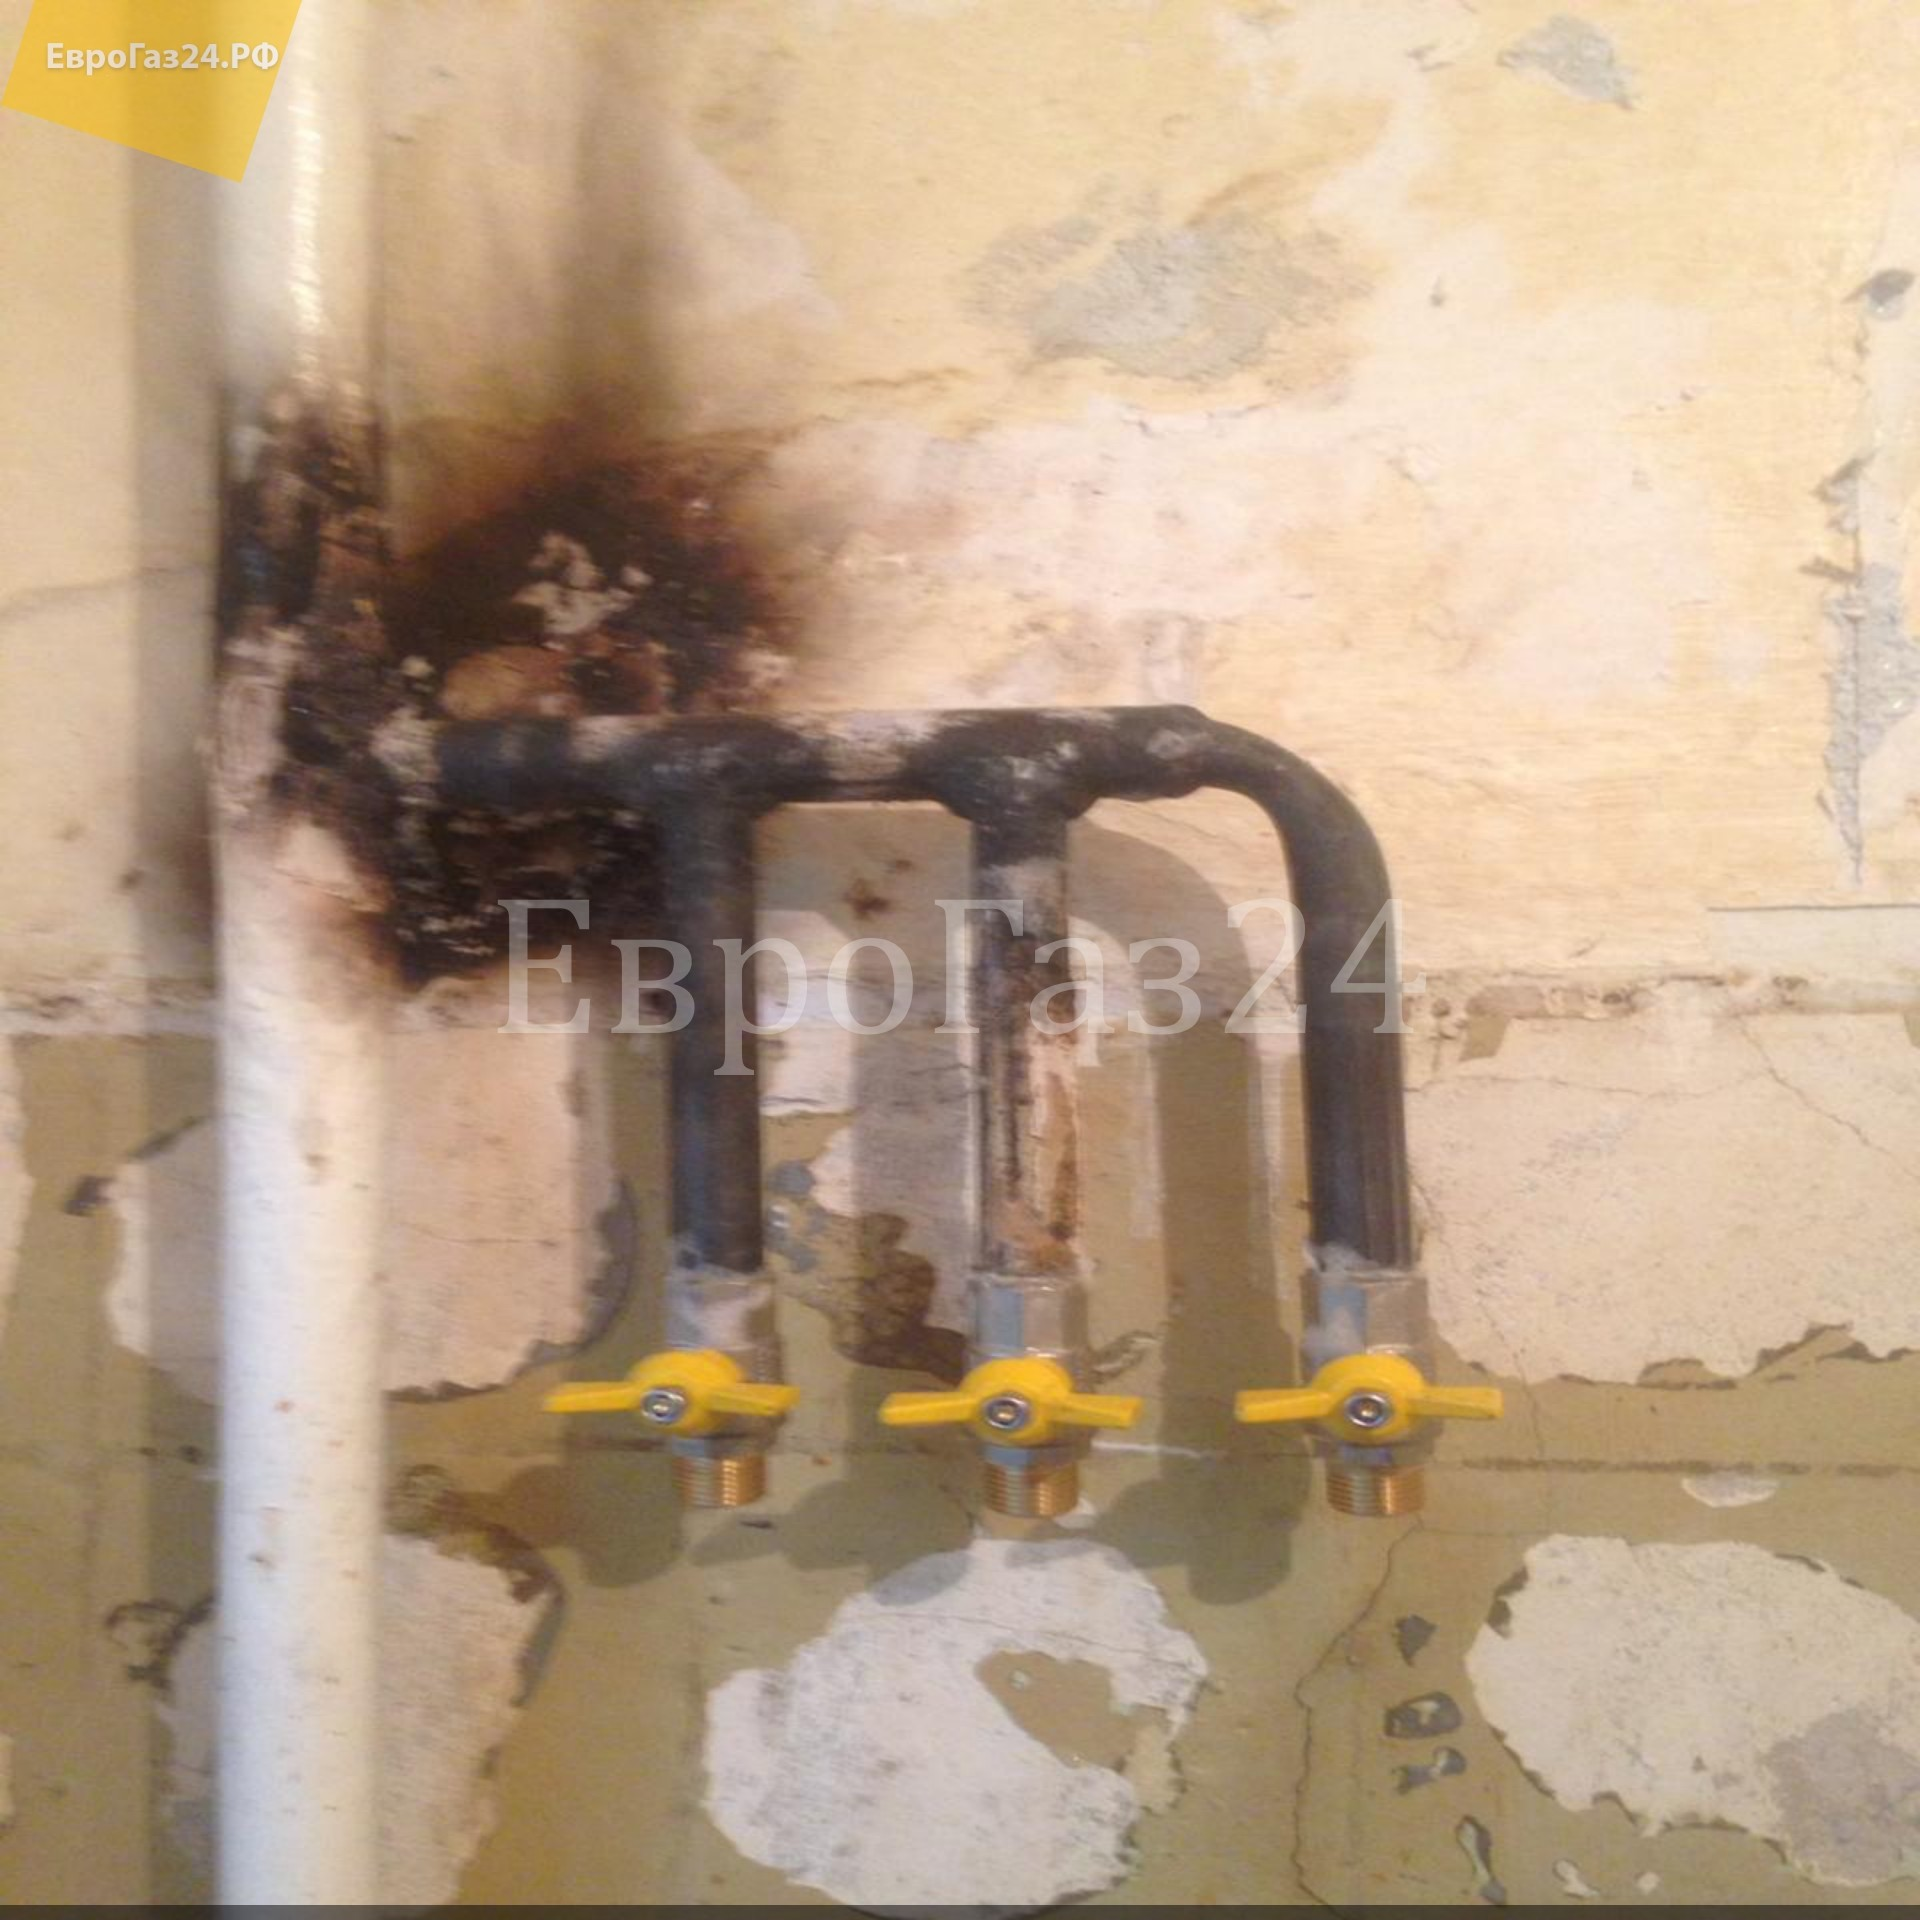 Правила обрезки газовой трубы в квартире